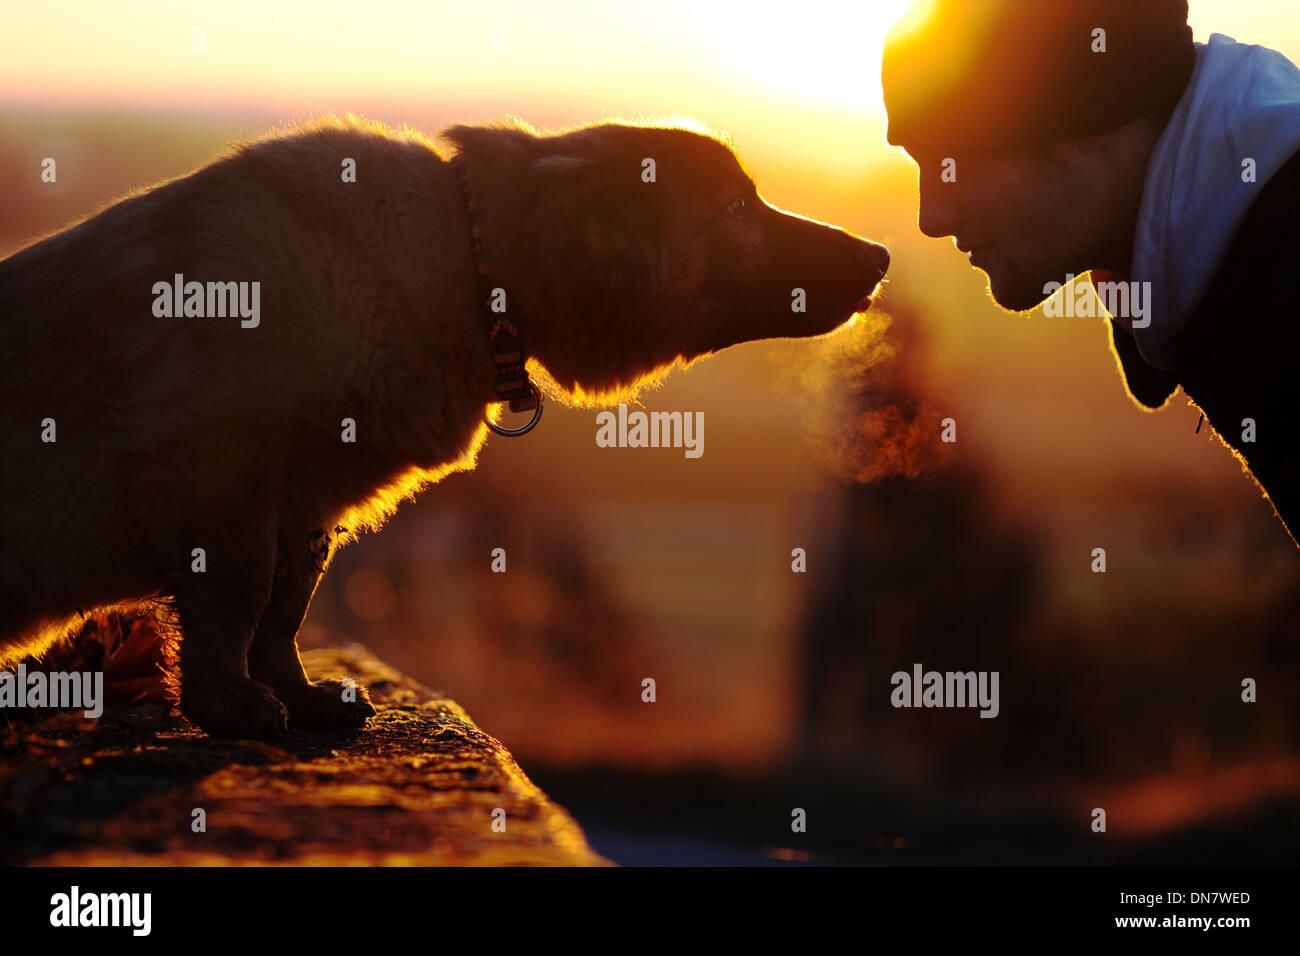 Mensch und Hund bei Gegenlicht schauen einander Stockbild